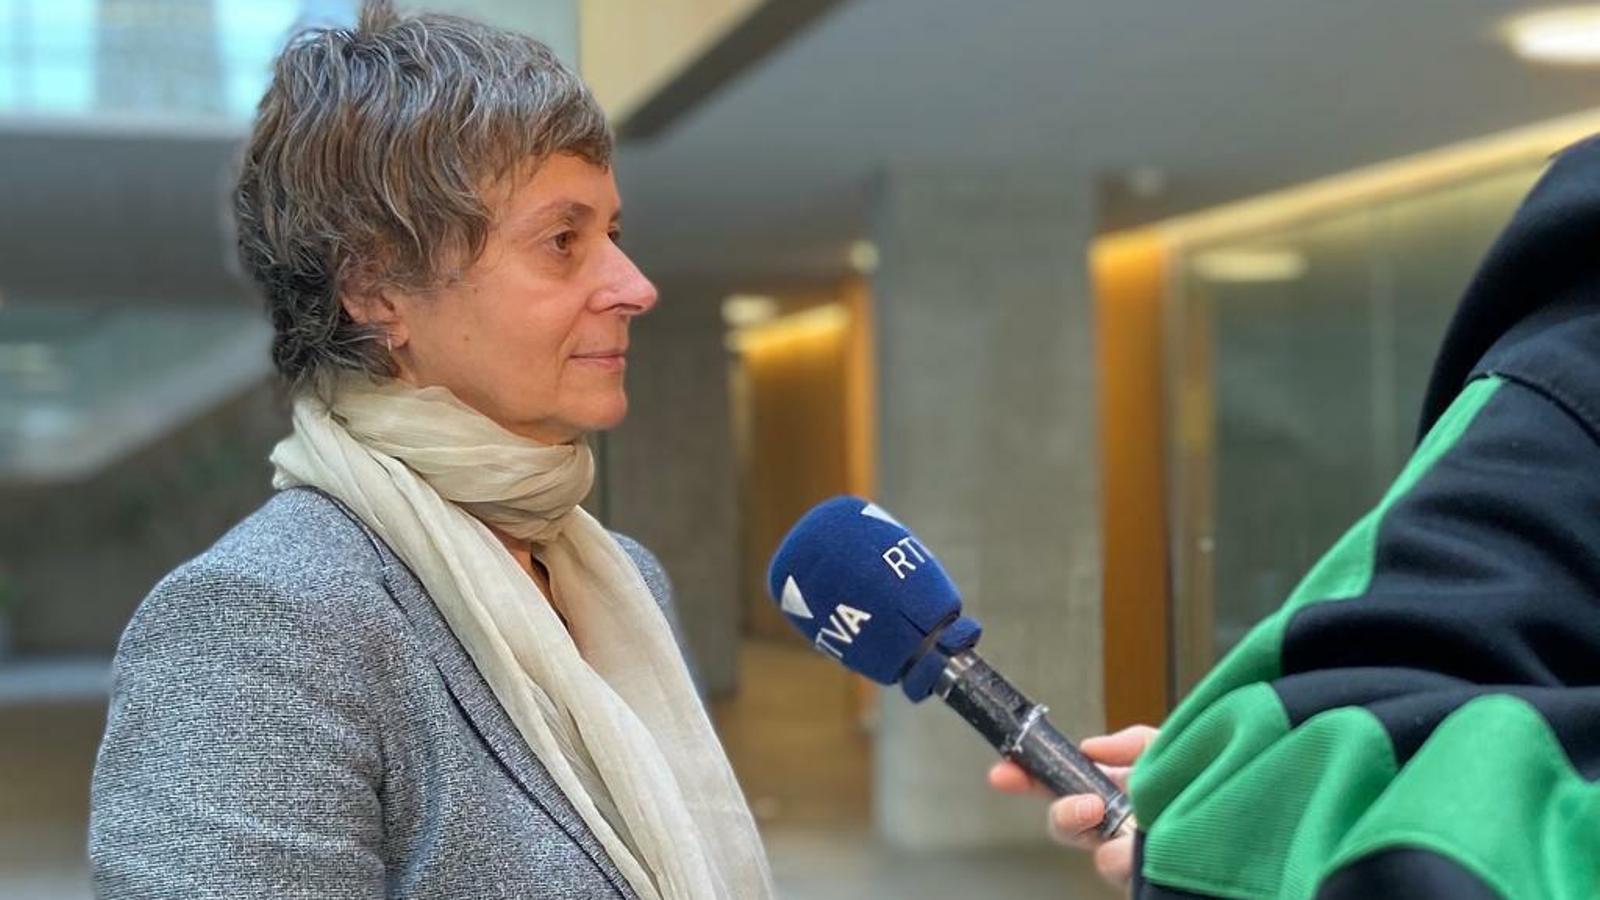 La consellera general del PS, Susanna Vela, en una imatge d'arxiu. / PS